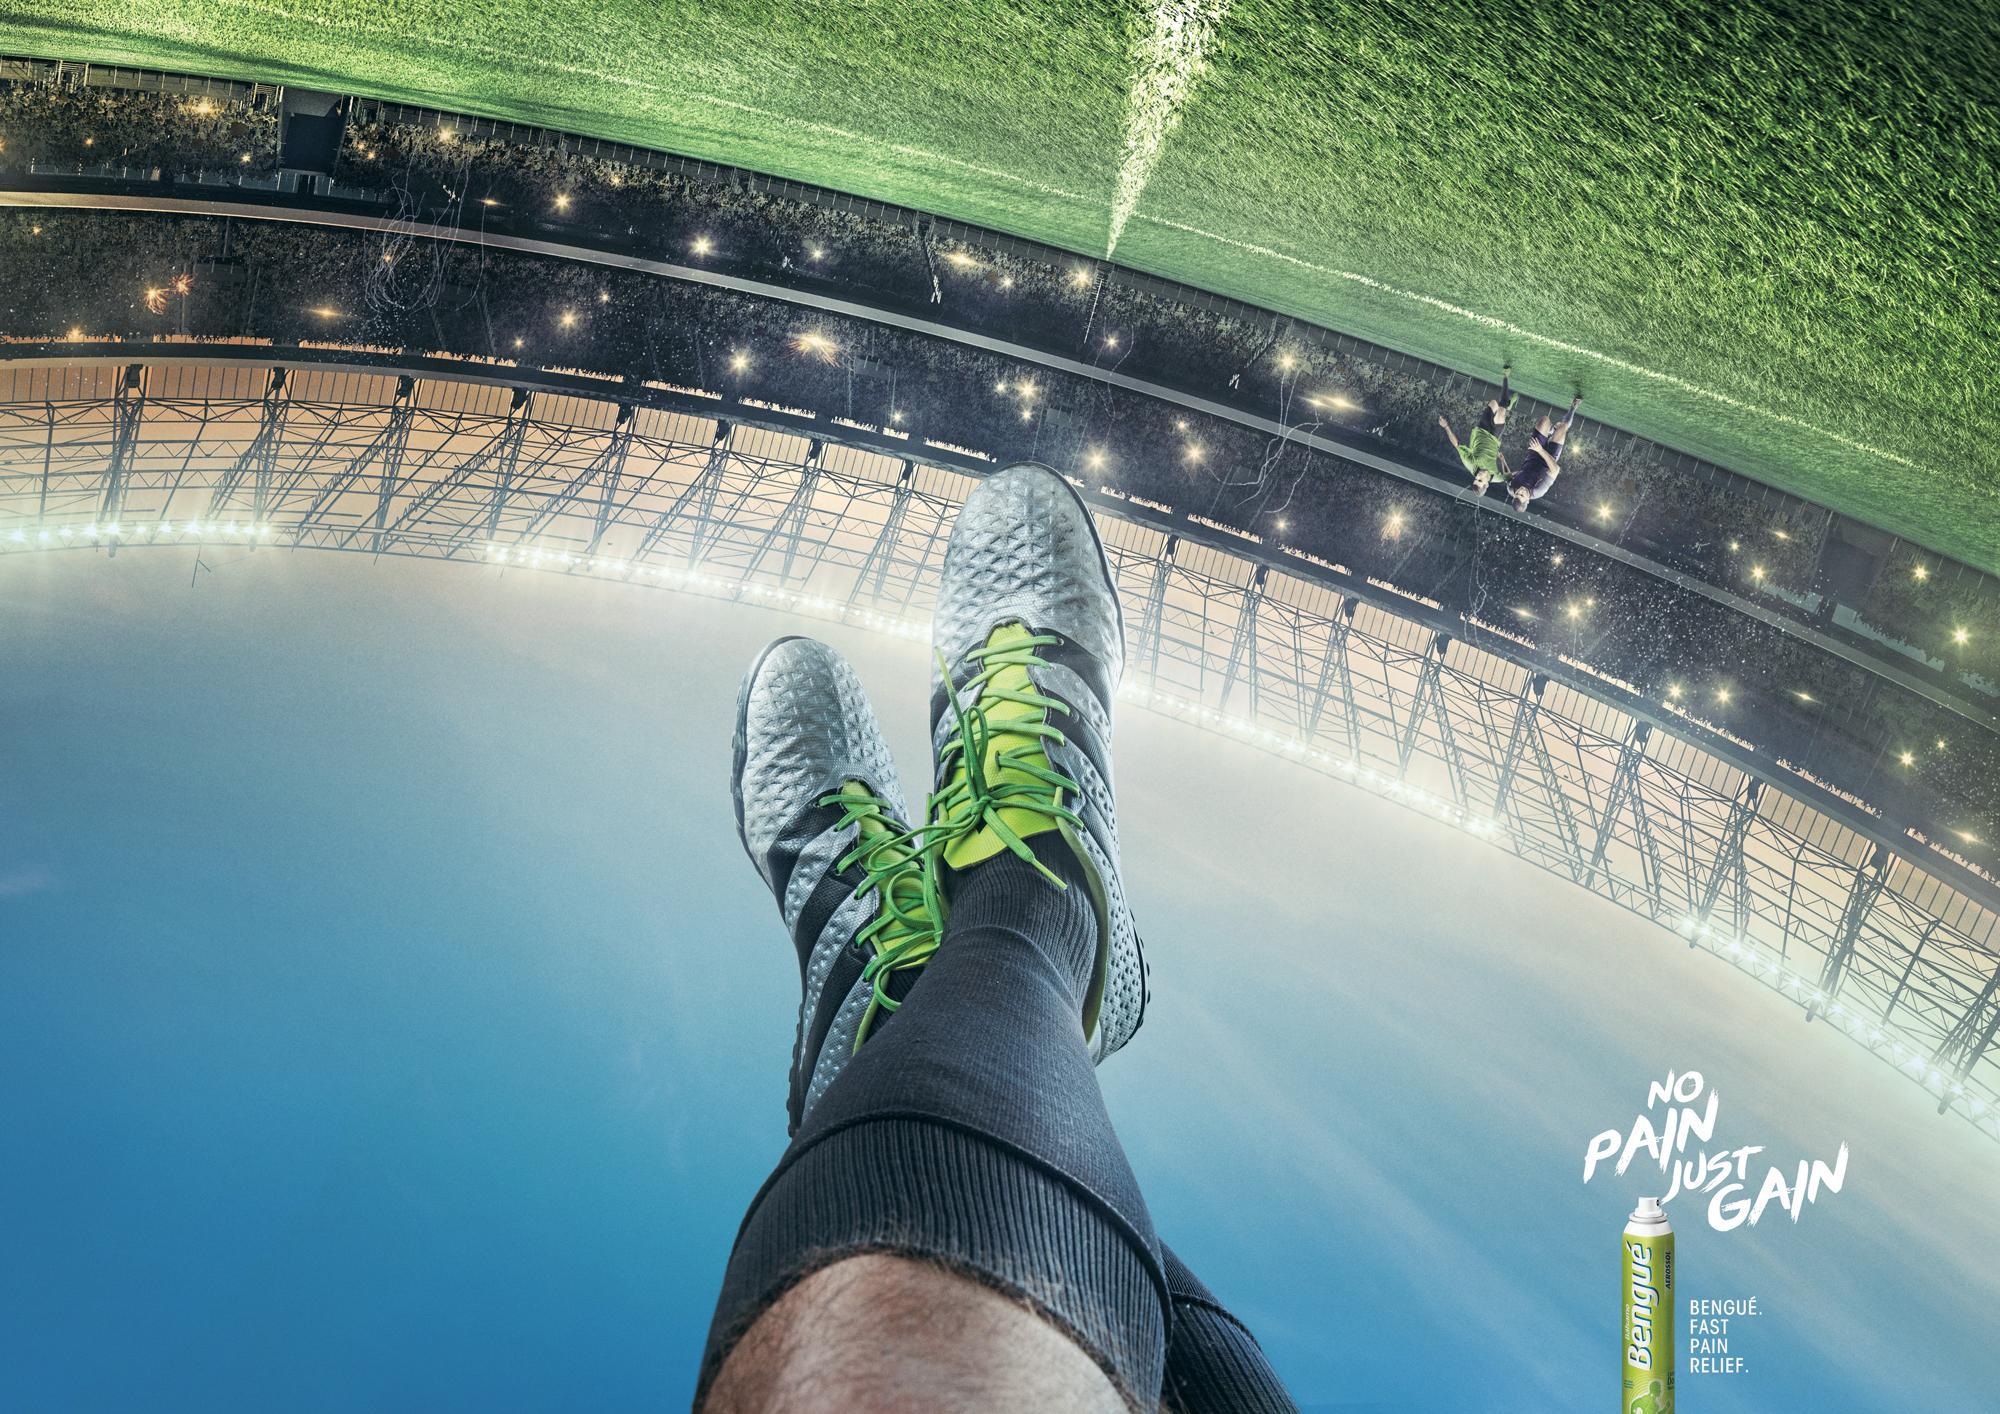 Spécial Coupe du Monde de Football : Les 100 plus belles publicités sur le foot ! 85